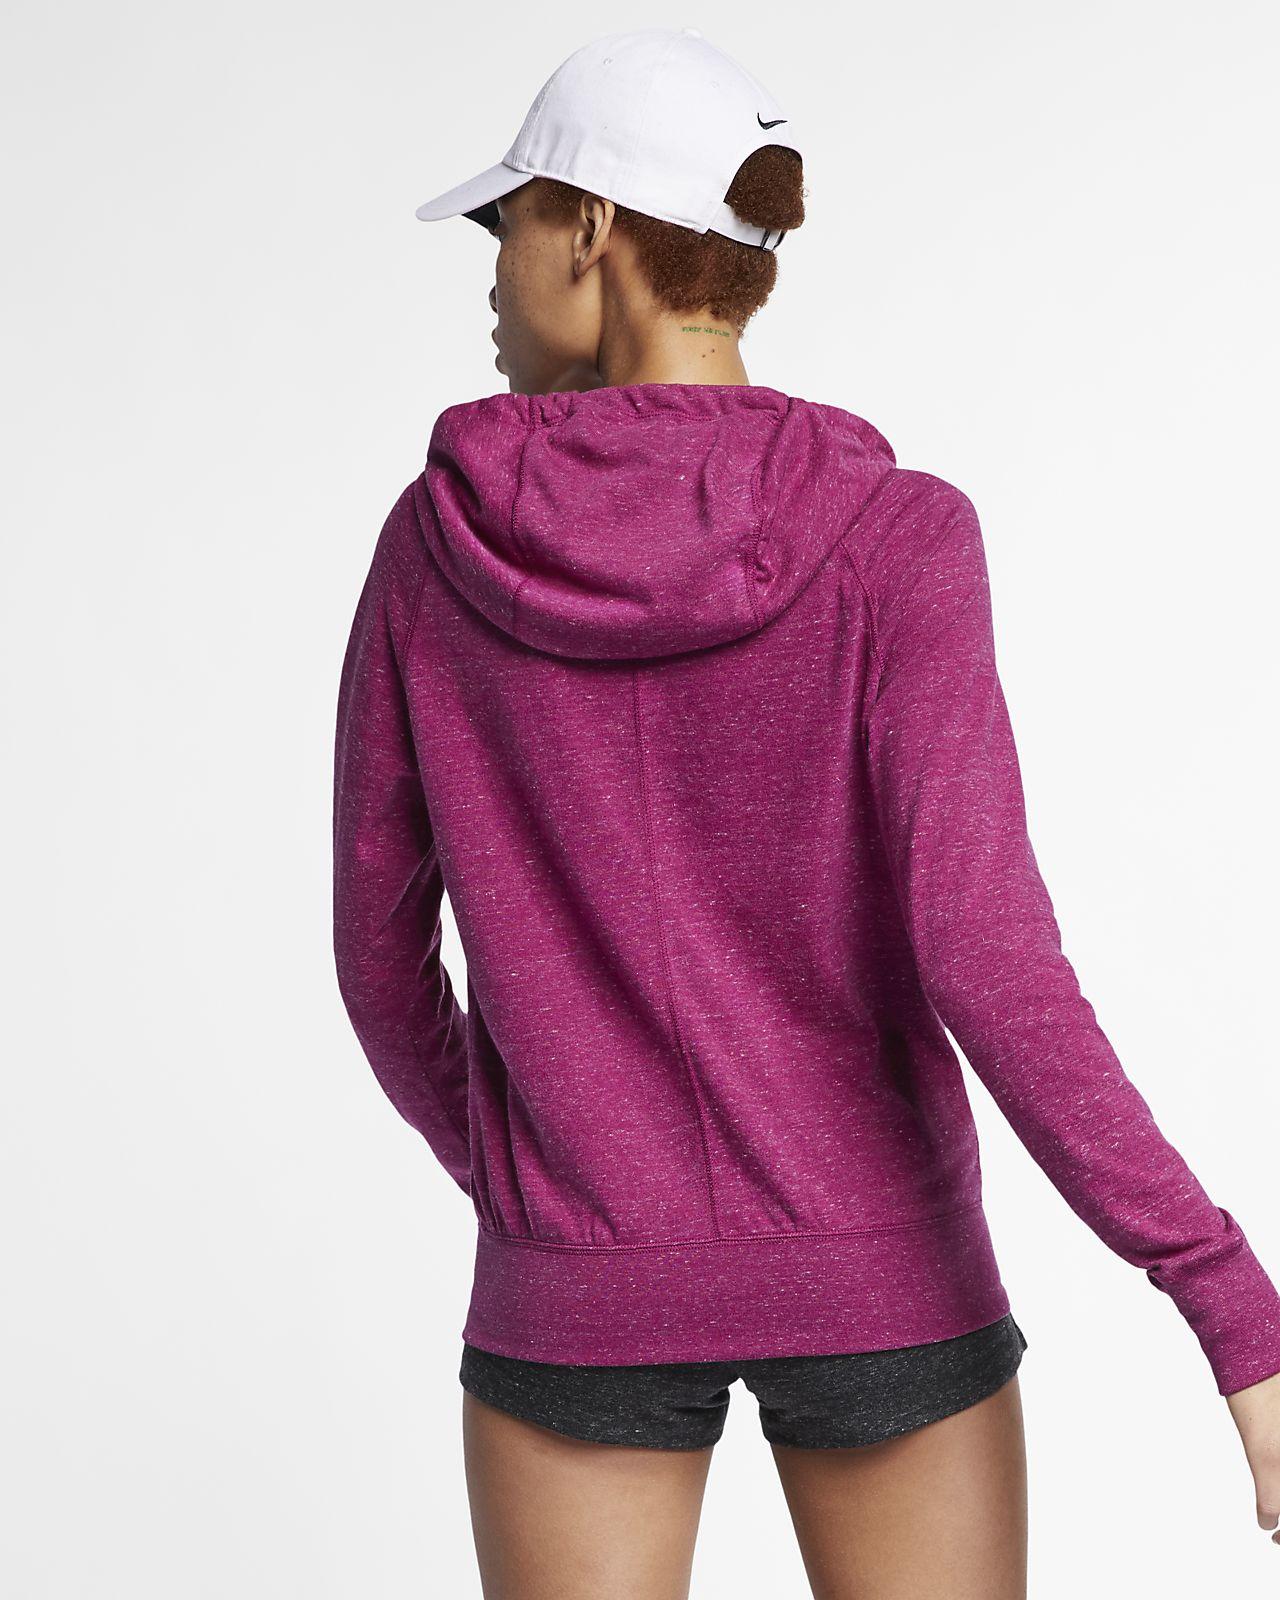 de8c7d99722 Nike Sportswear Gym Vintage Women's Full-Zip Hoodie. Nike.com